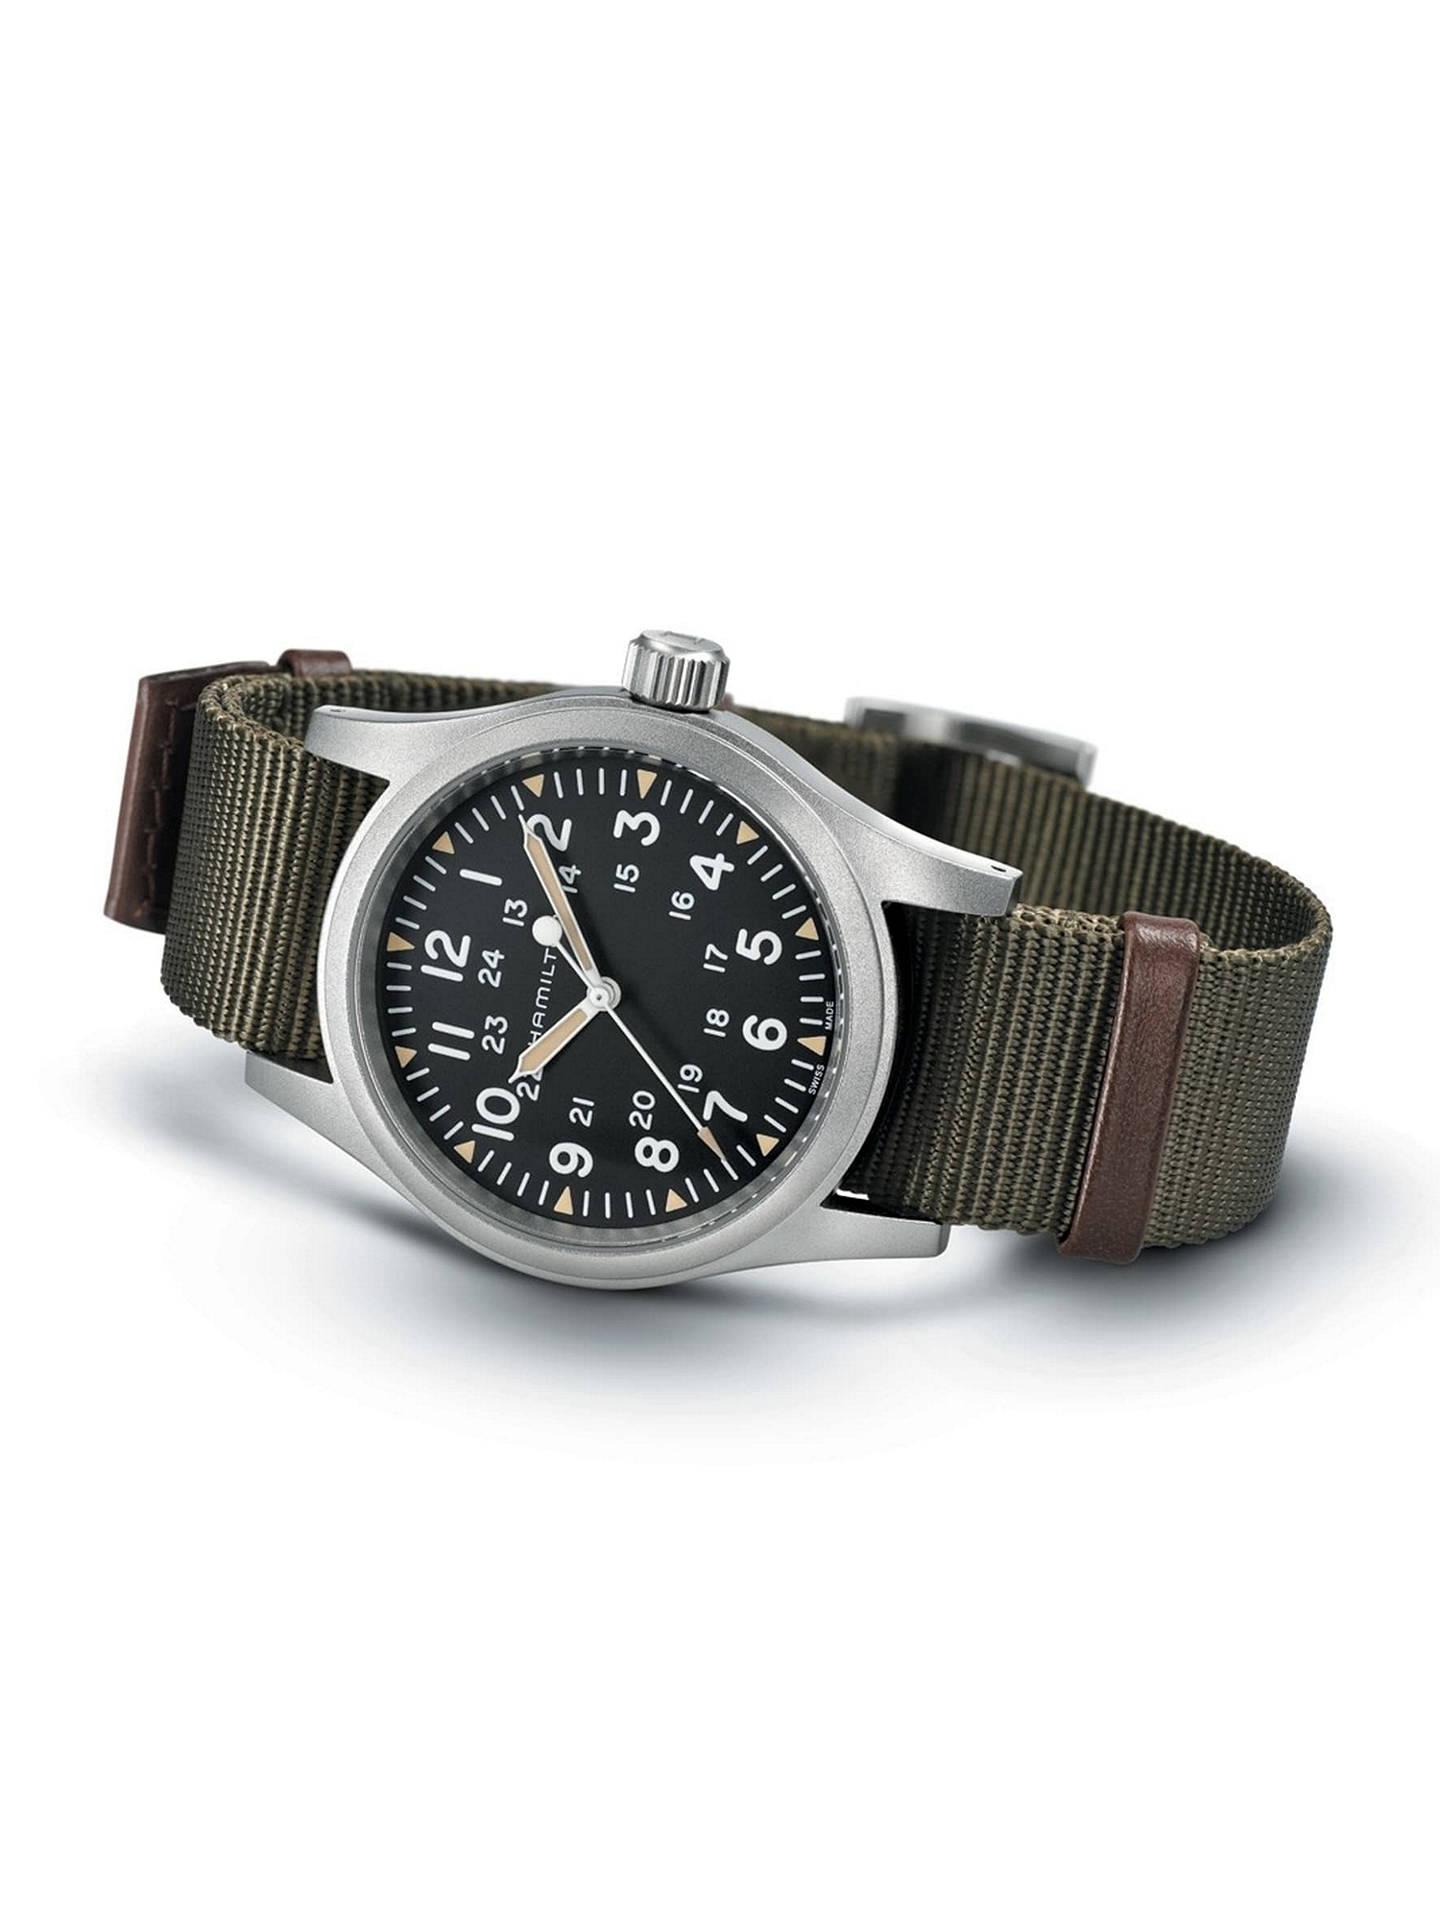 Hamilton H69439931 Men S Khaki Field Automatic Date Nato Fabric Strap Watch Green Black